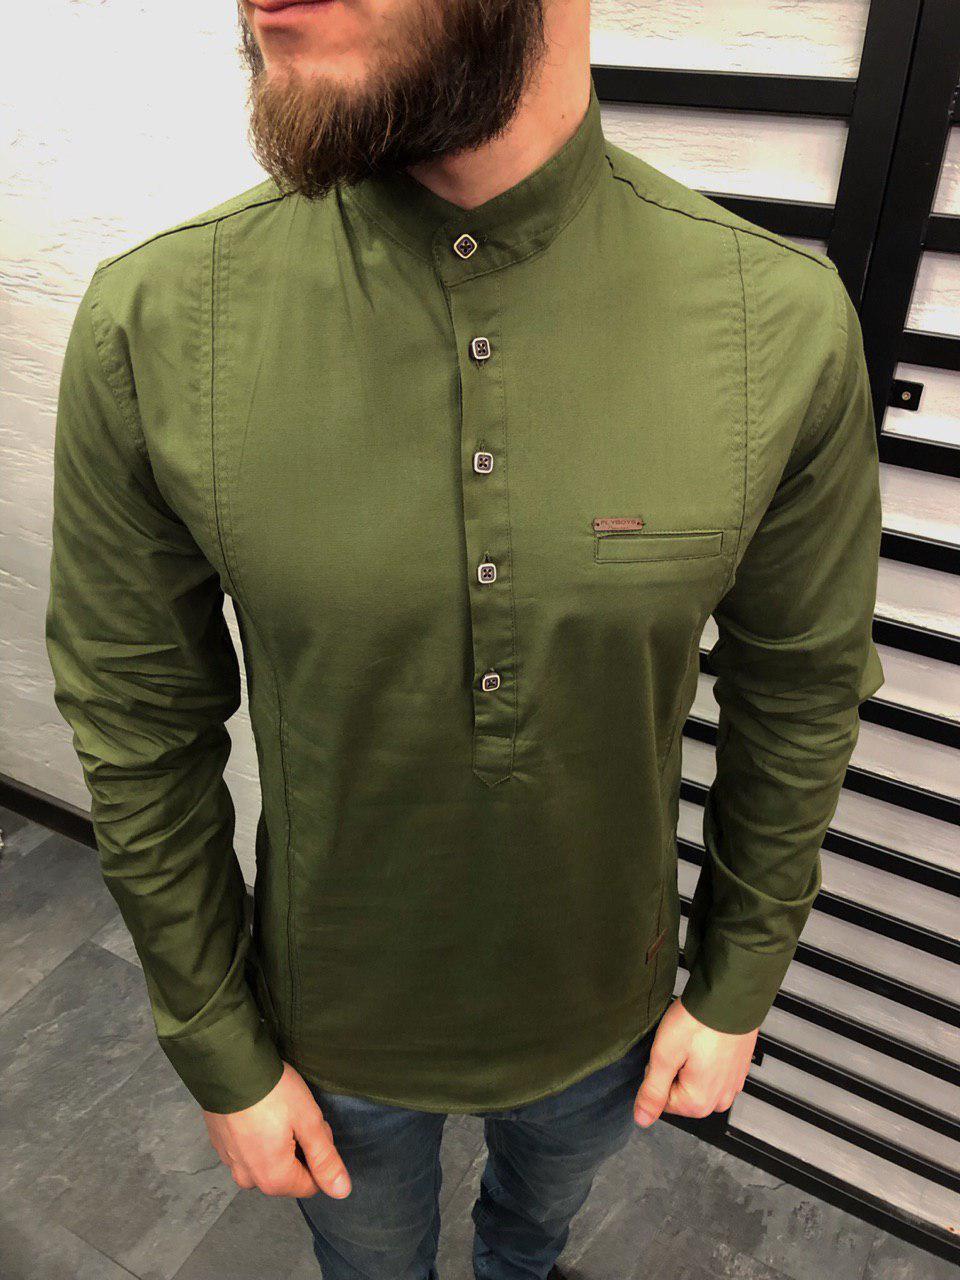 1d0bc891347 Мужская рубашка приталенная зеленого цвета на 5 квадратных пуговицах -  Интернет-магазин обуви и одежды